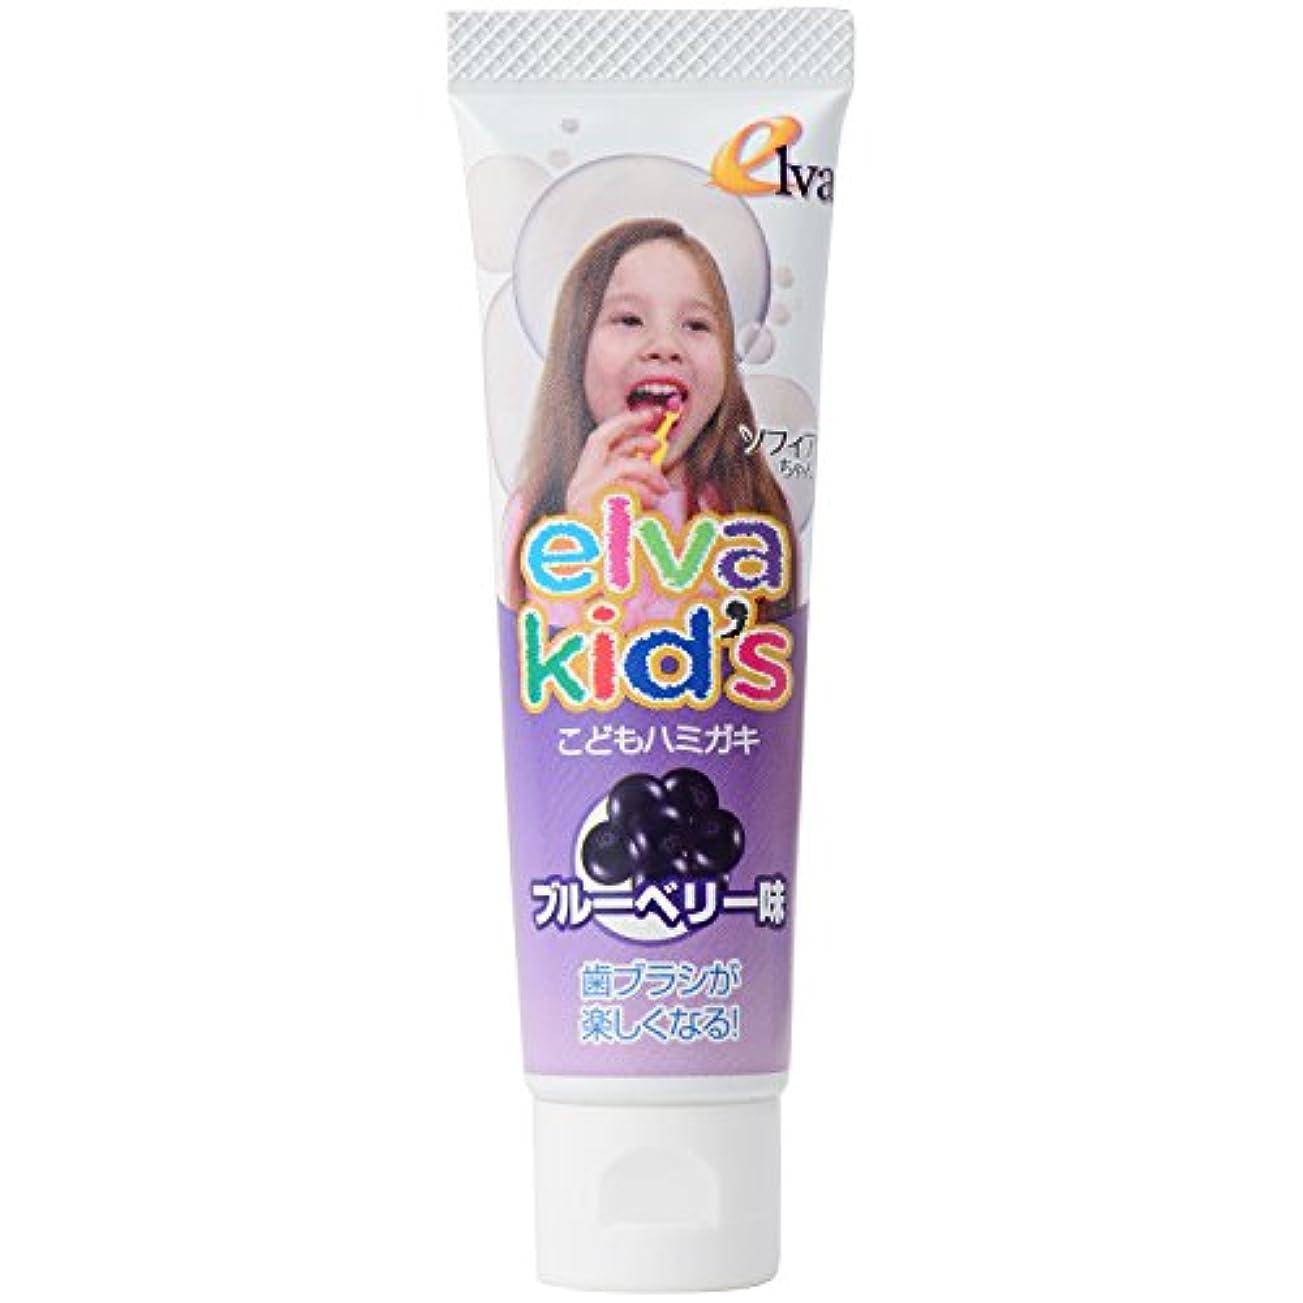 エルバキッズ お母さんも安心のこだわりの歯磨き粉 フッ素なし ブルーベリー味 2個セット